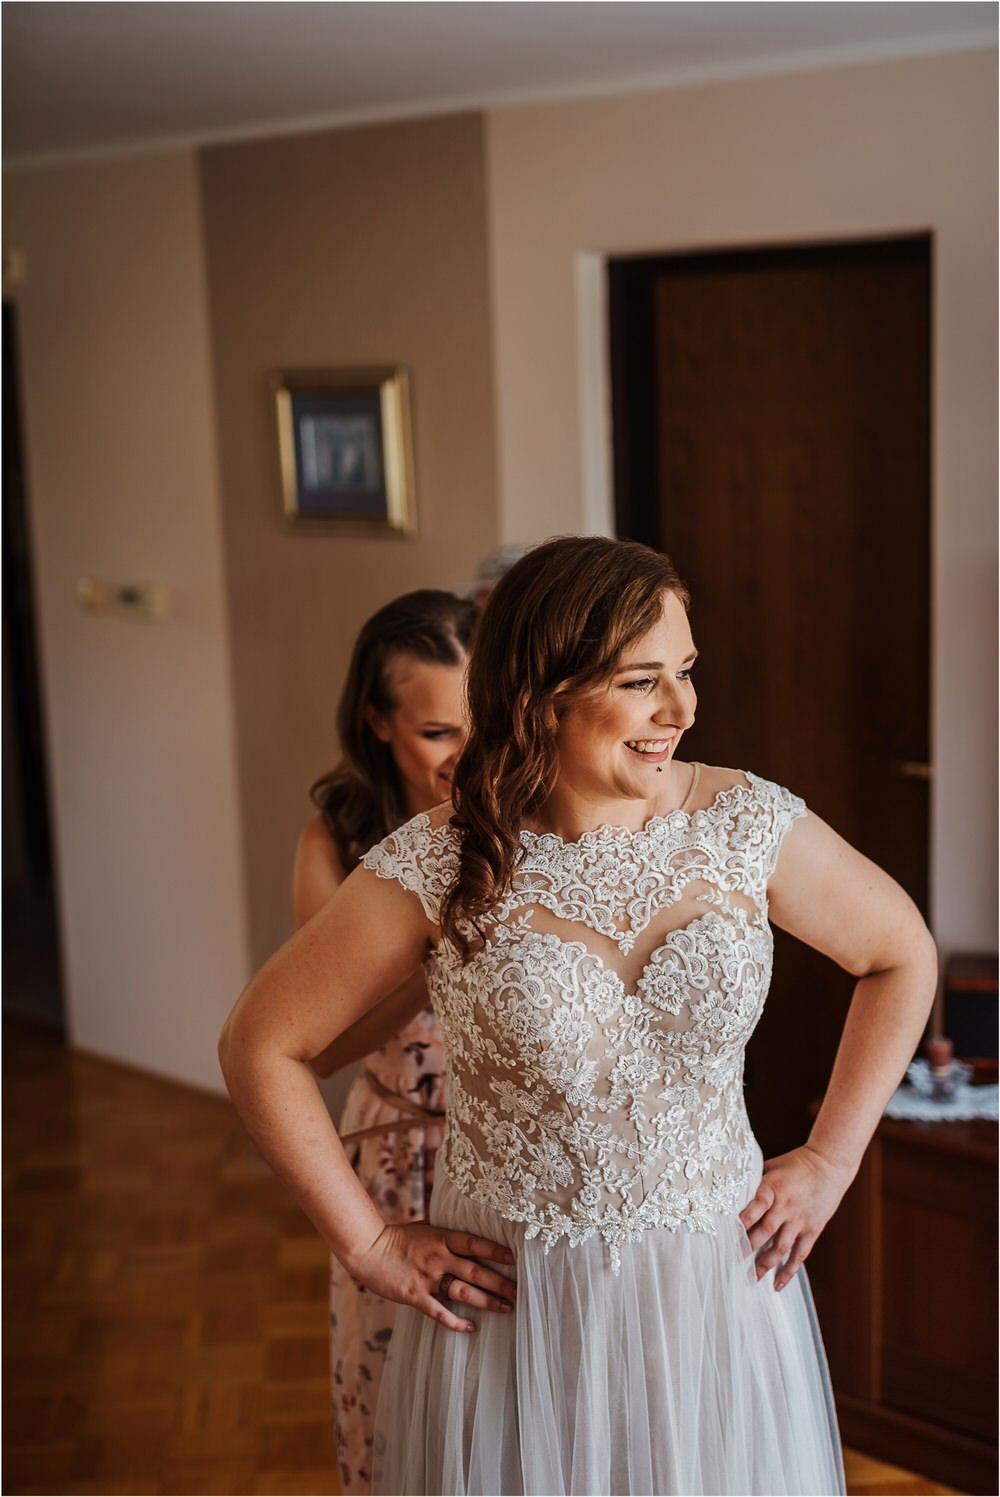 goriska brda poroka fotgorafija fotograf fotografiranje porocno kras primorska obala romanticna boho poroka rustikalna nika grega 0014.jpg